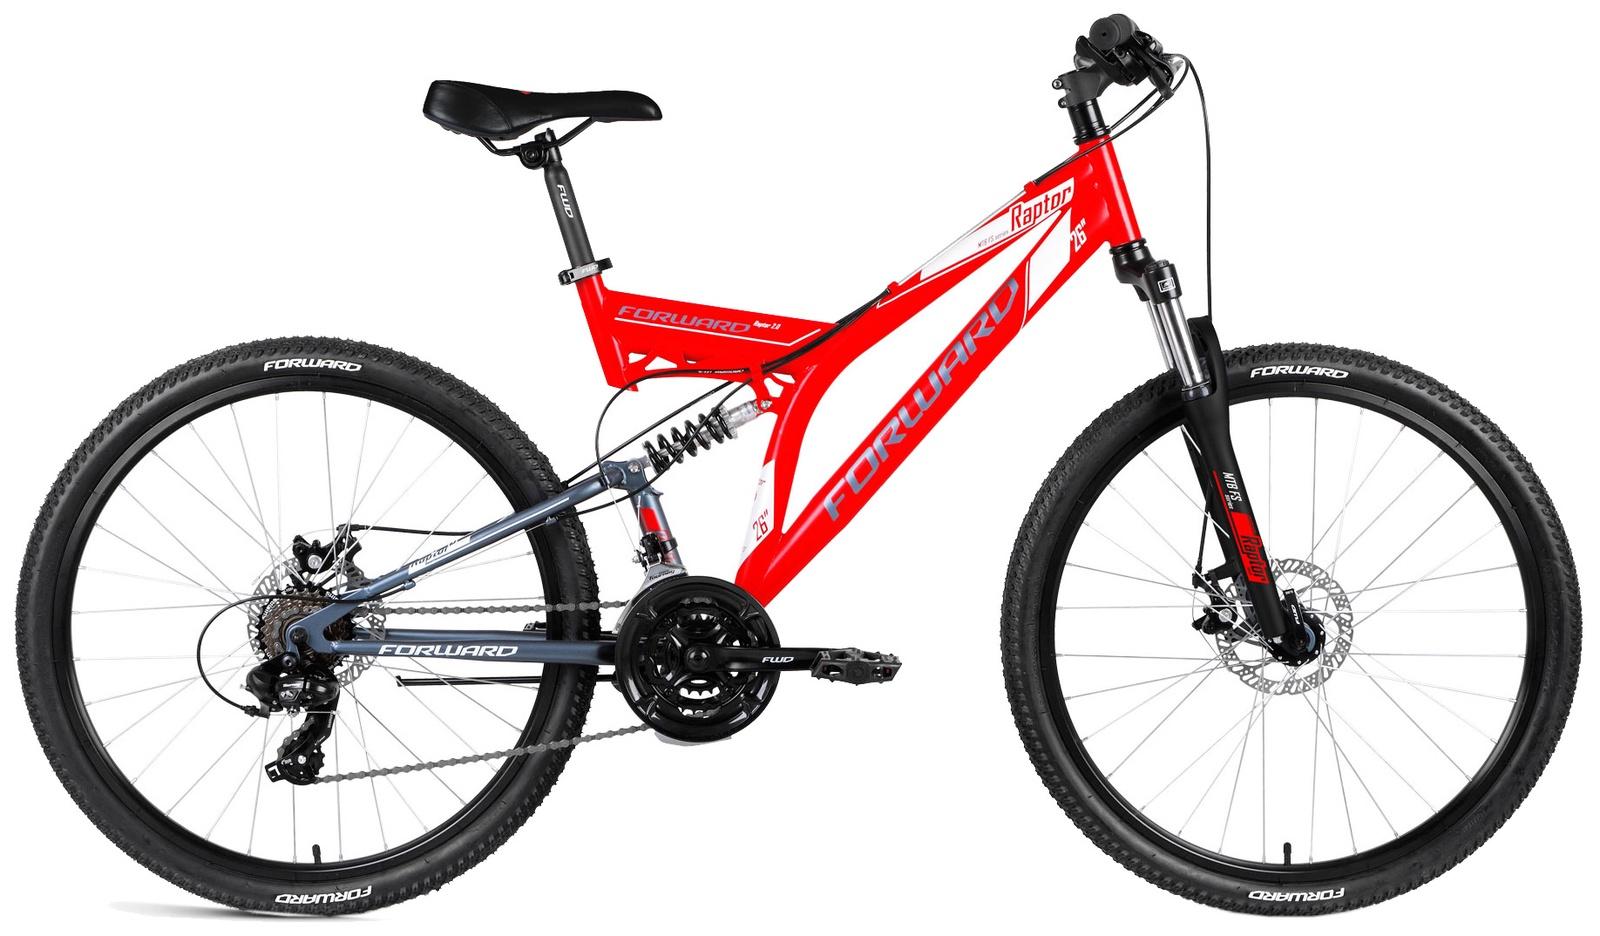 Велосипед Forward RAPTOR 26 2.0 disc, RBKW8S6Q003, красный, серый вилка амортизационная suntour гидравлическая для велосипедов 26 ход 100 120мм sf14 xcr32 rl 26